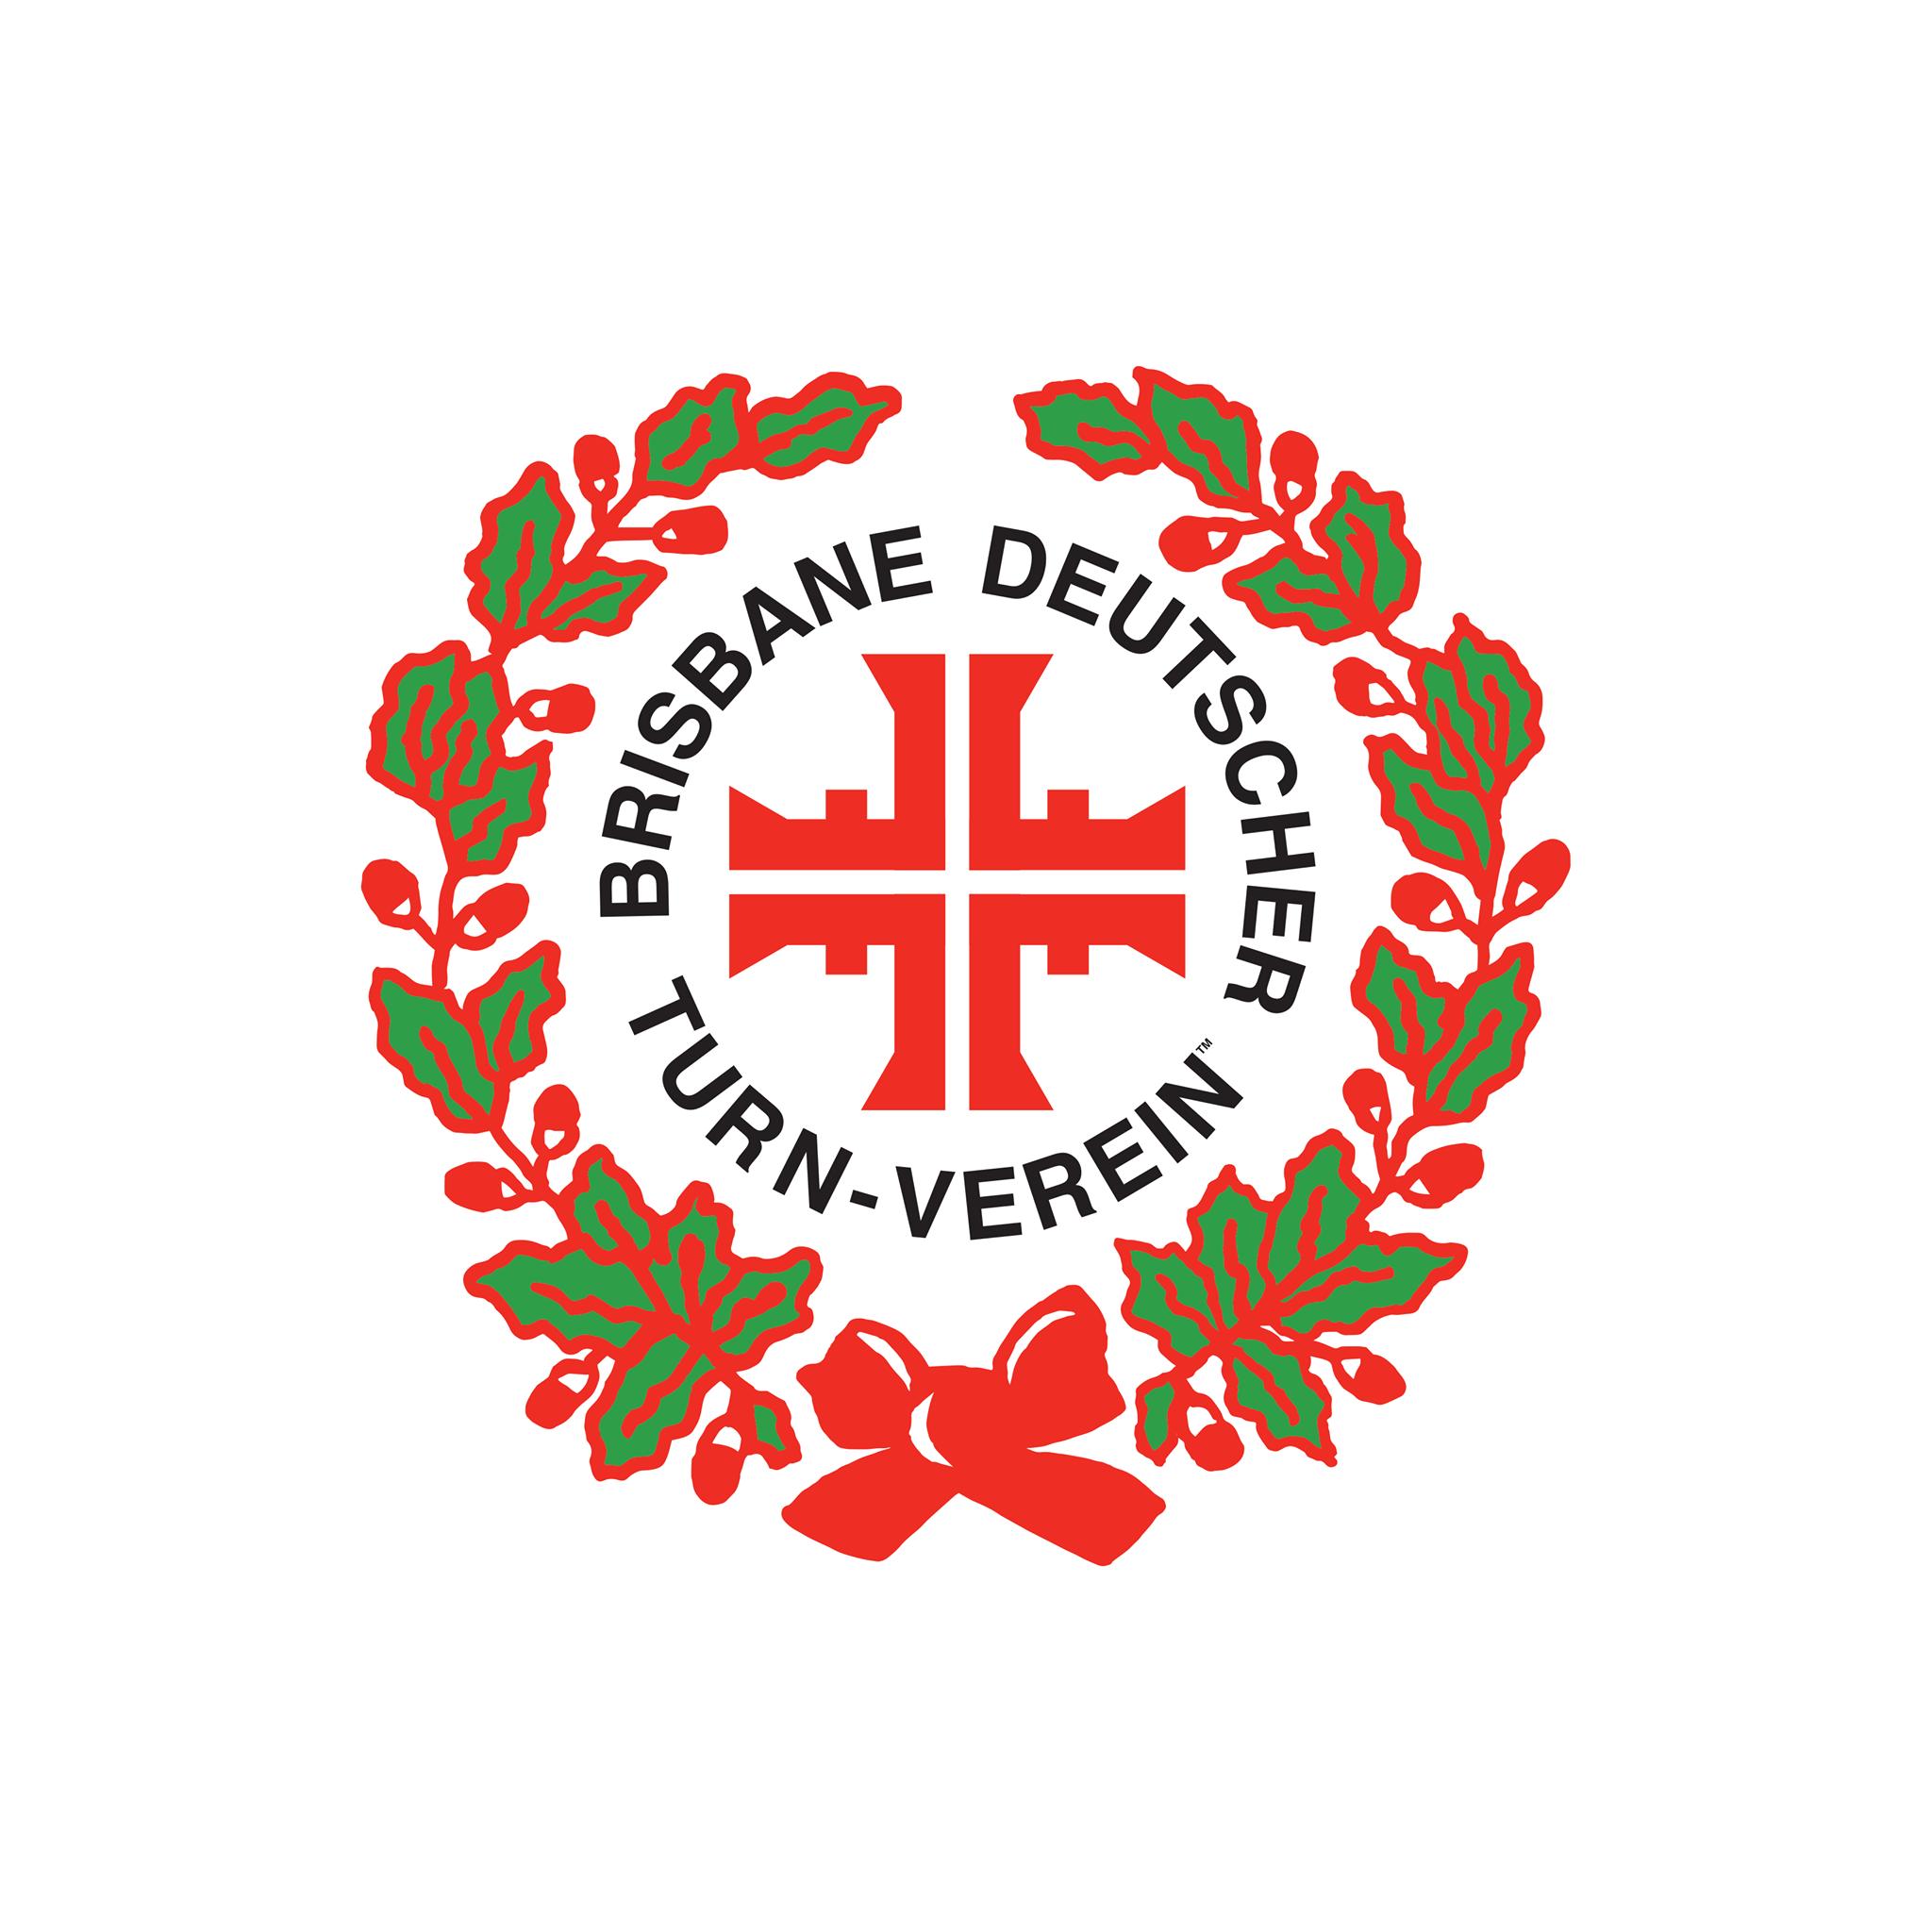 Brisbane German Club